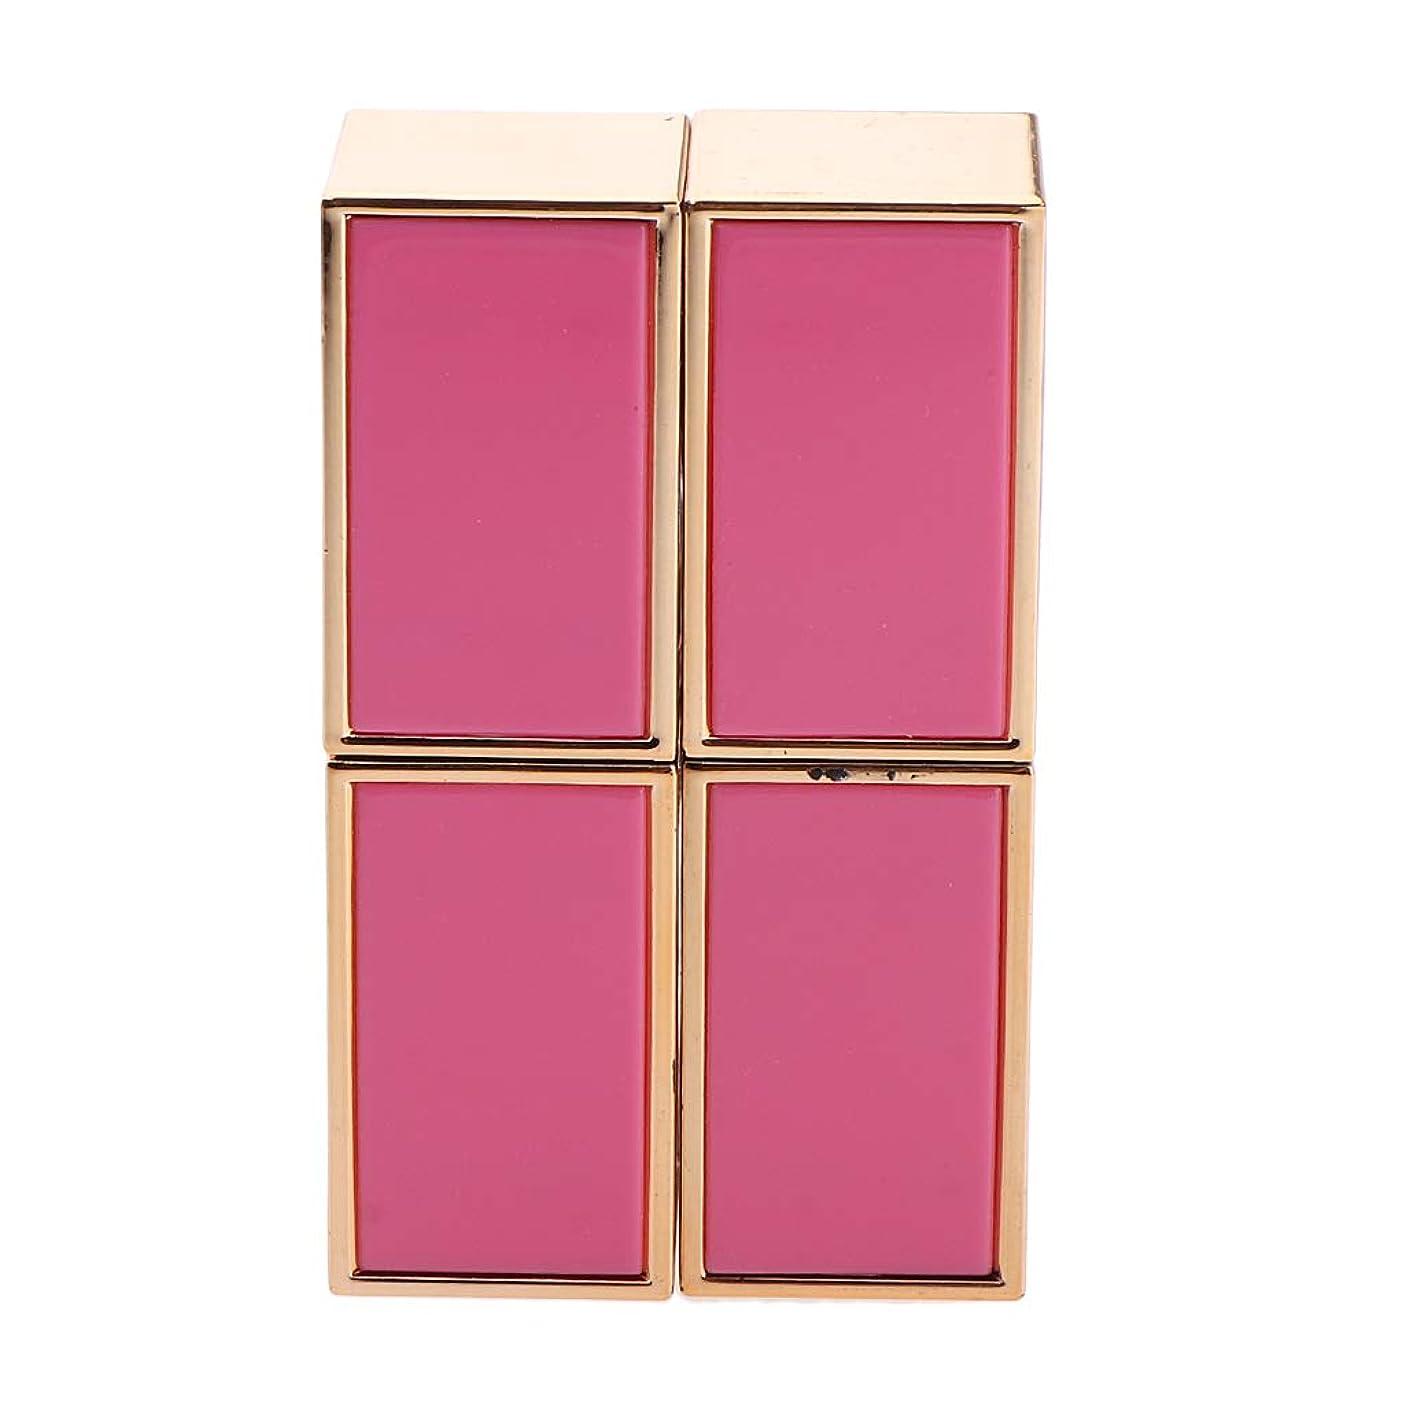 プラグところで取り消すP Prettyia 2本 口紅管 口紅チューブ DIY リップバーム/リップスティック 手作り化粧品 2色選べ - ピンク